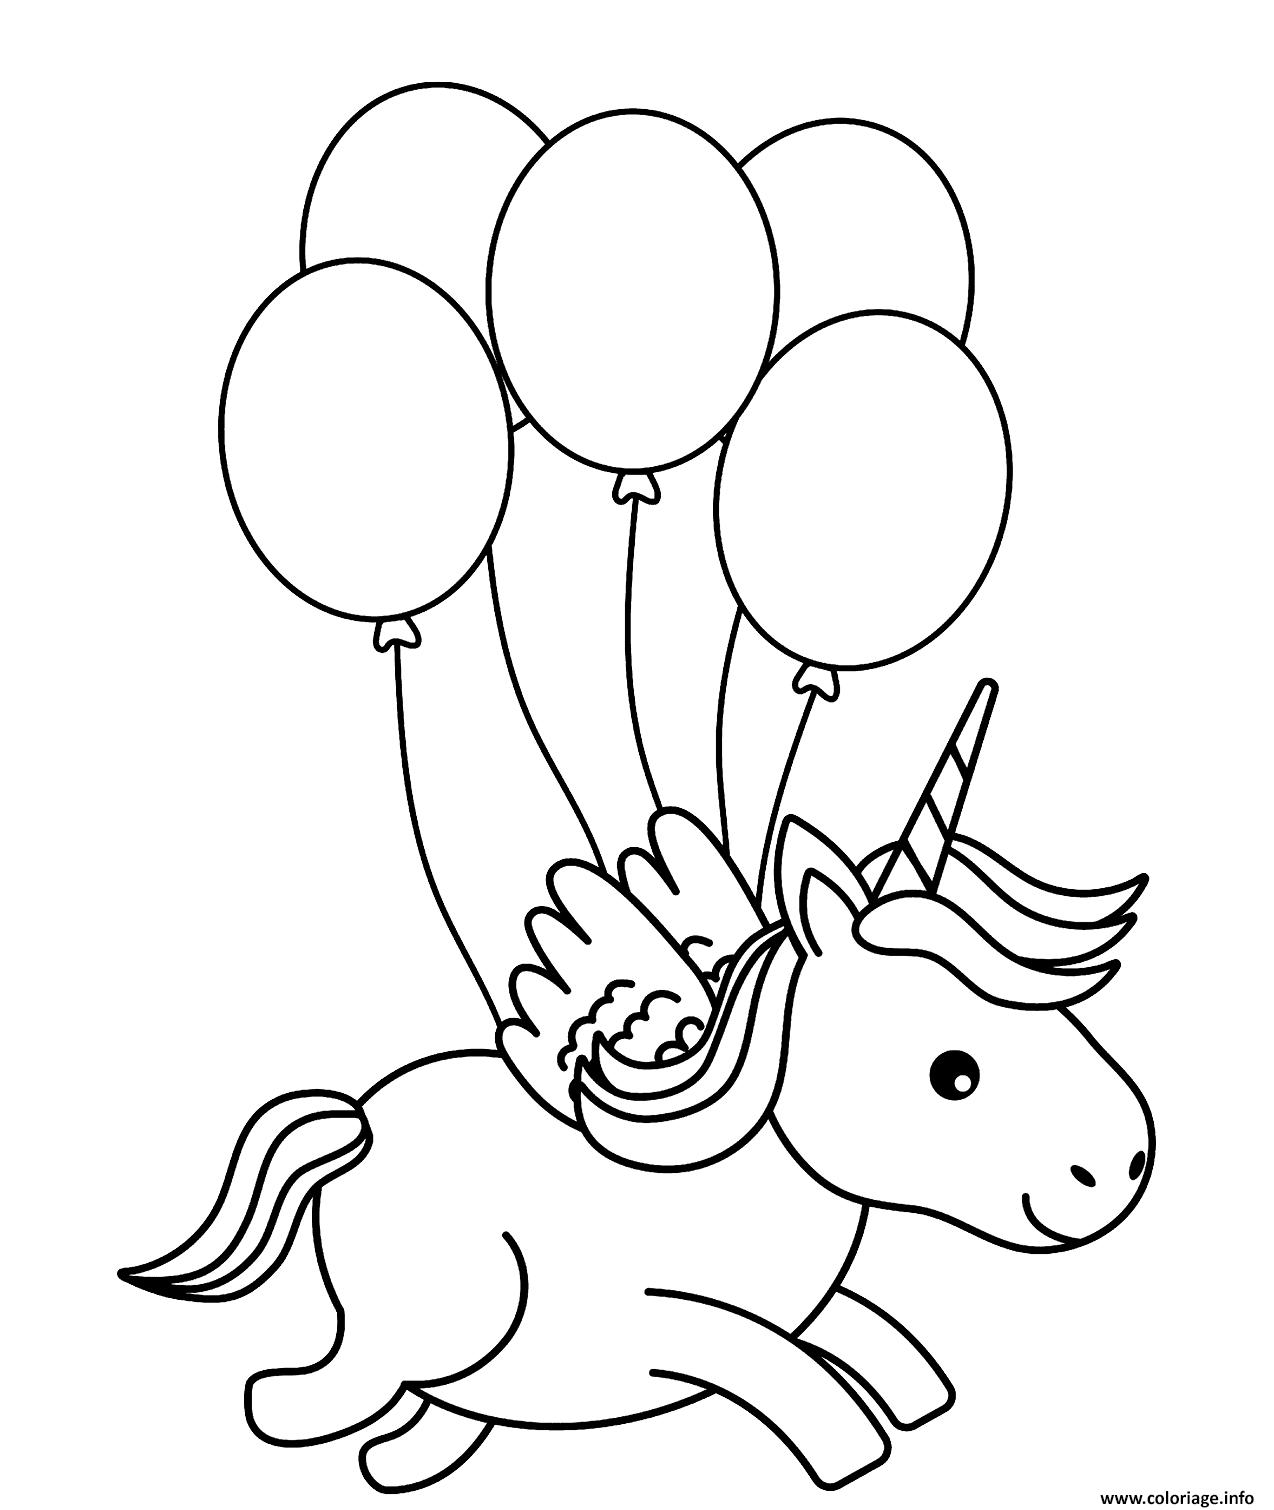 Dessin une licorne vol avec des ballons dans les airs Coloriage Gratuit à Imprimer